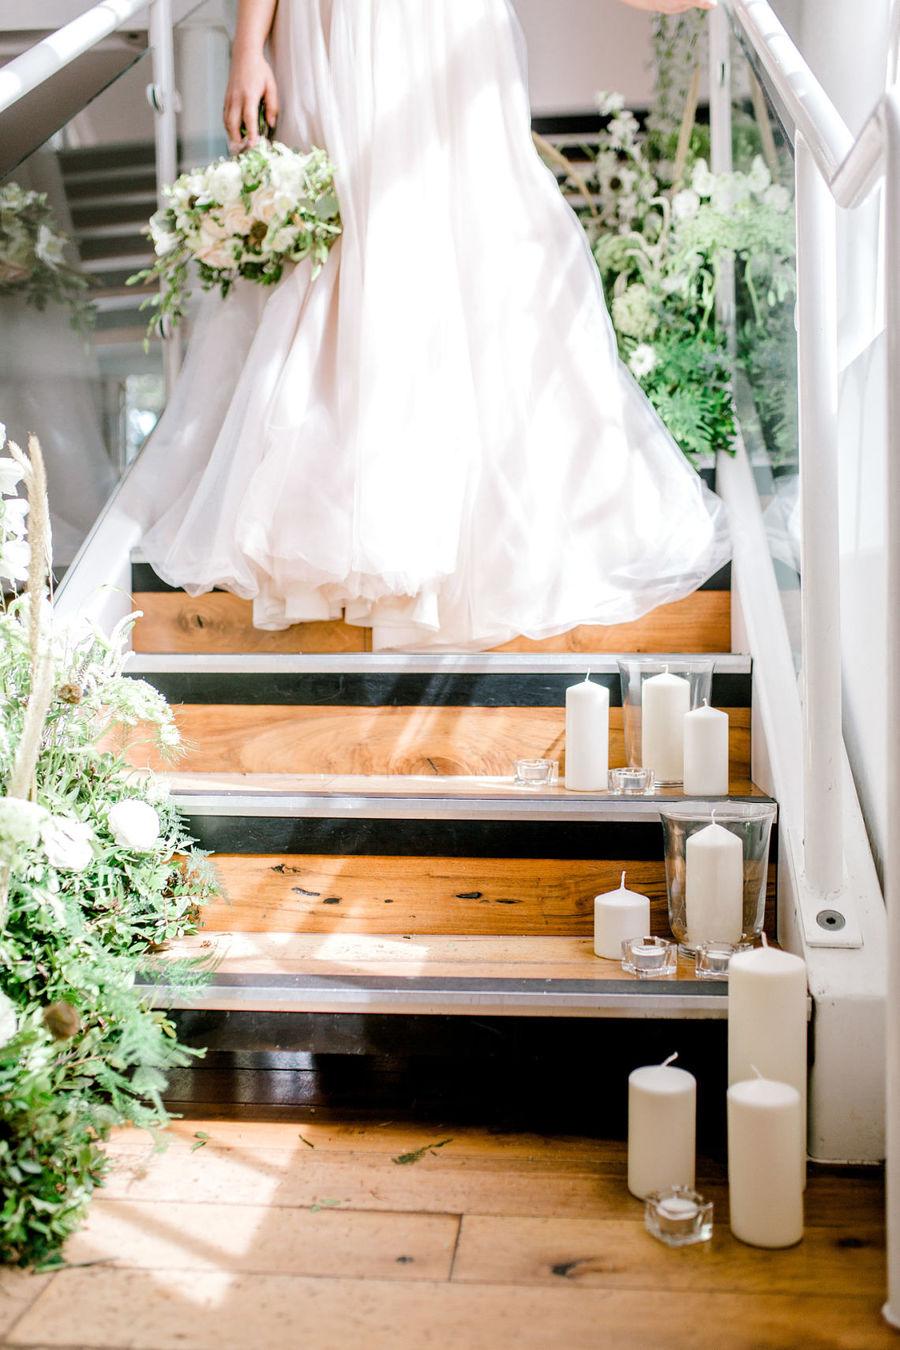 Minimal elegant wedding style ideas by Wildflower Wedding Planner Natasha, images Helene Elliott Photography (15)